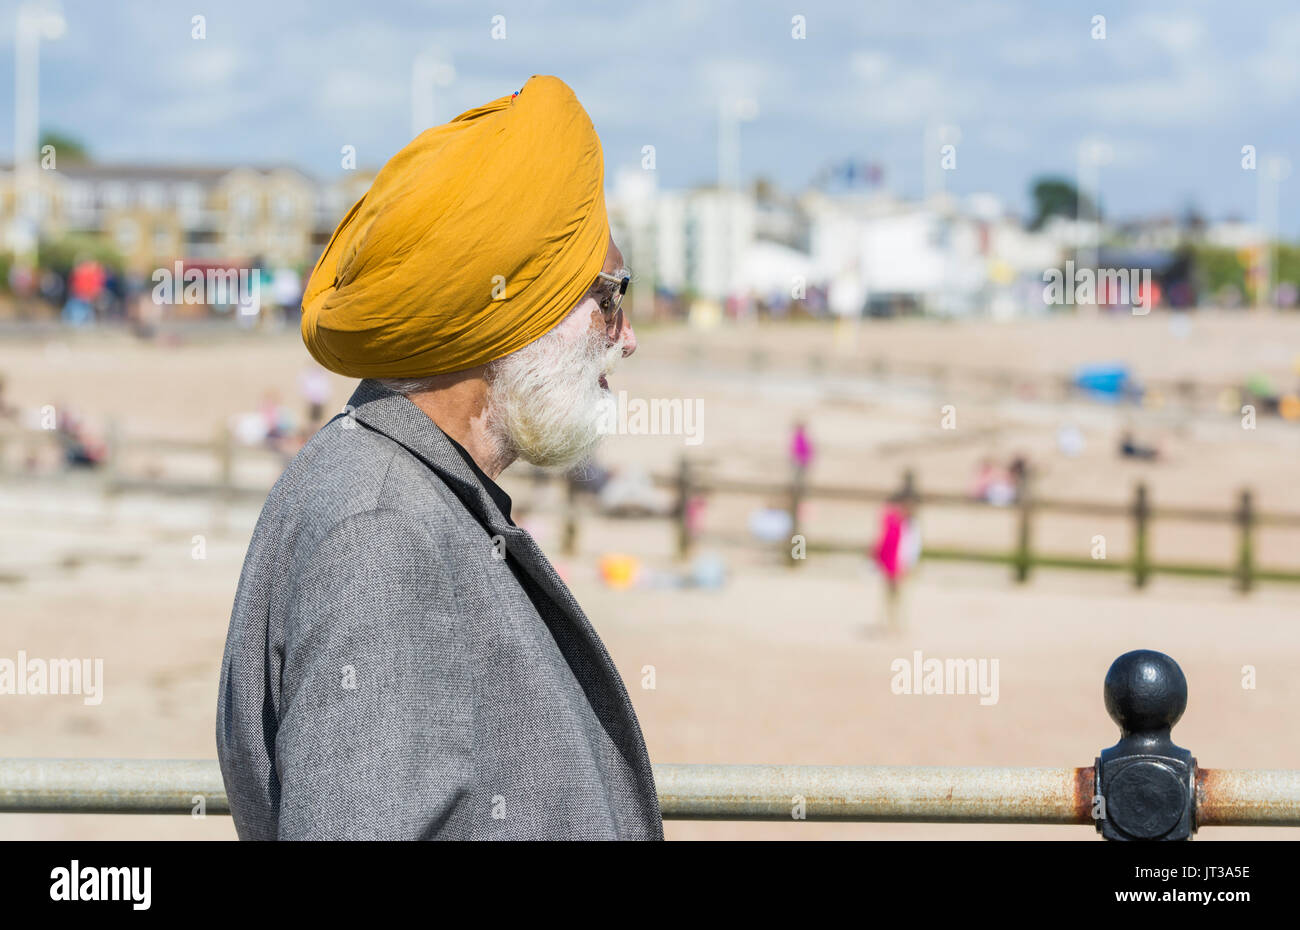 La religione sikh testa di uomo con turbante in piedi presso la costa guardando la spiaggia a sud dell'Inghilterra, Regno Unito. Immagini Stock